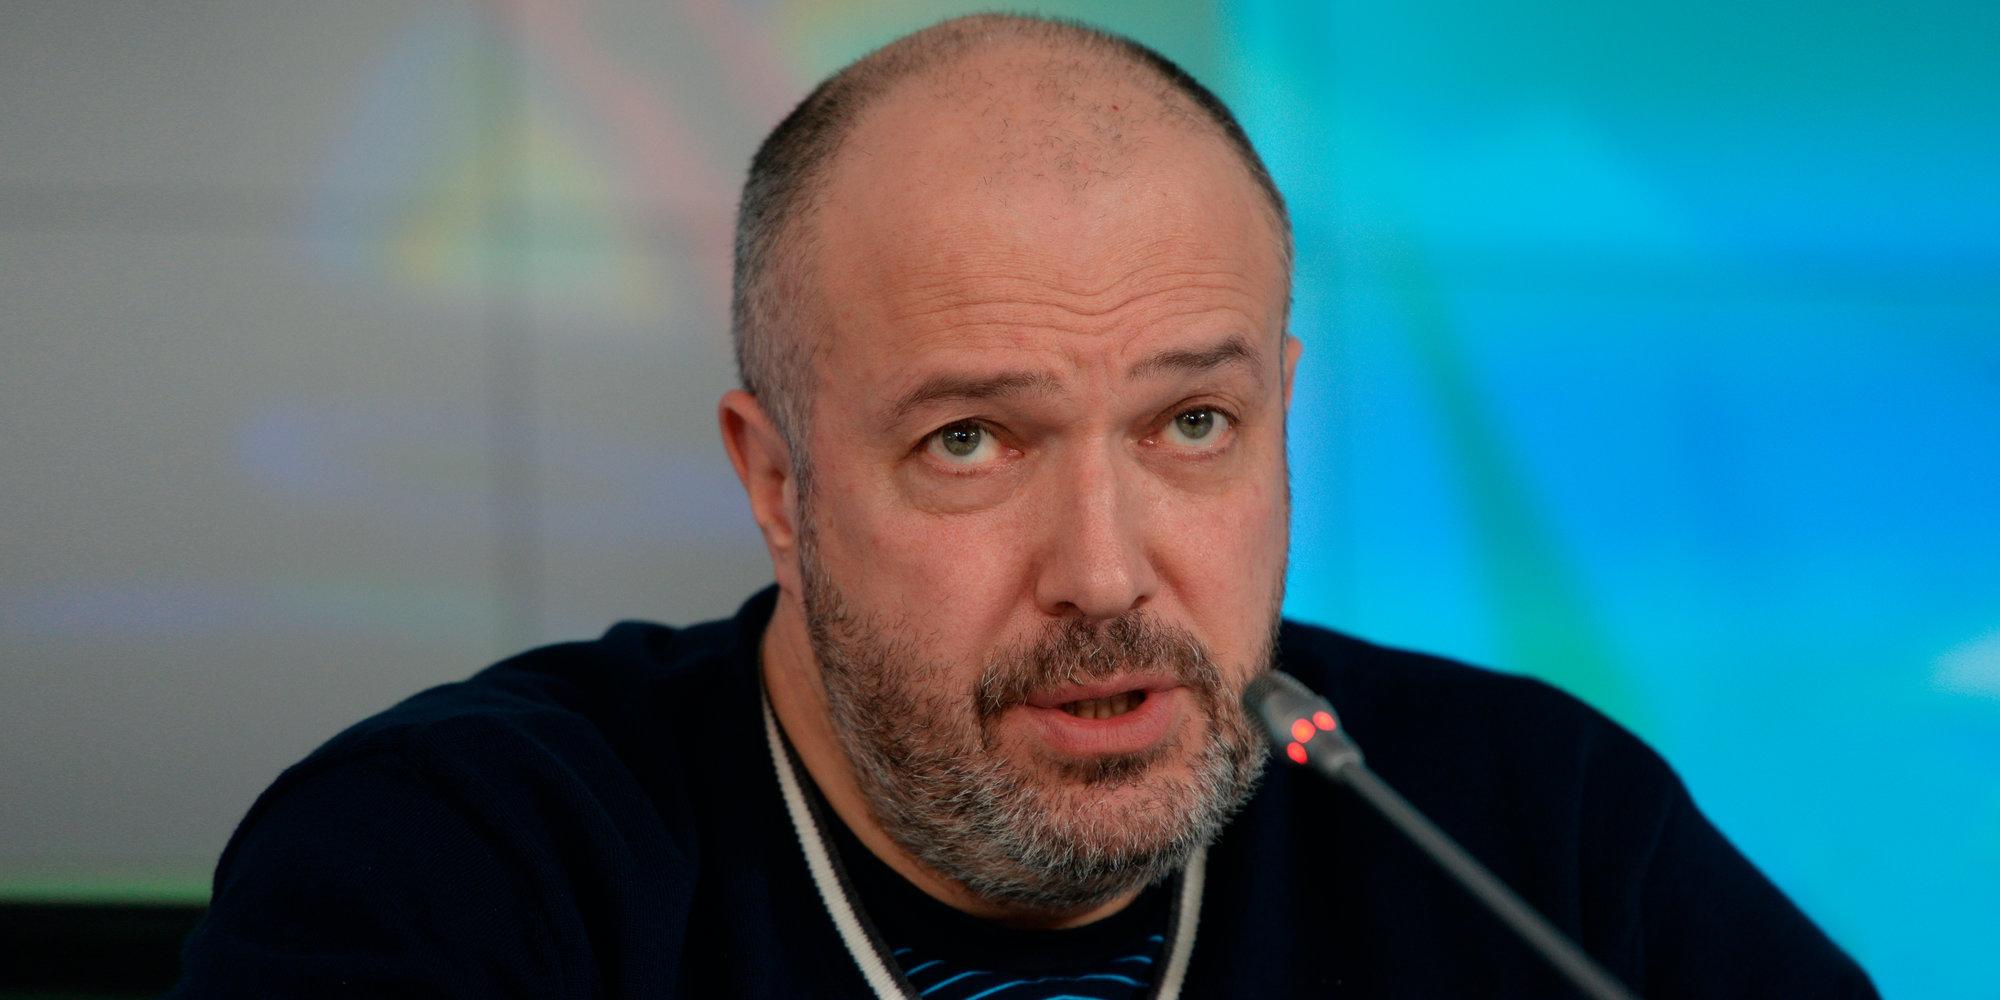 Говорят, Кикнадзе не смог договориться с игроками «Локомотива» на понижение зарплаты